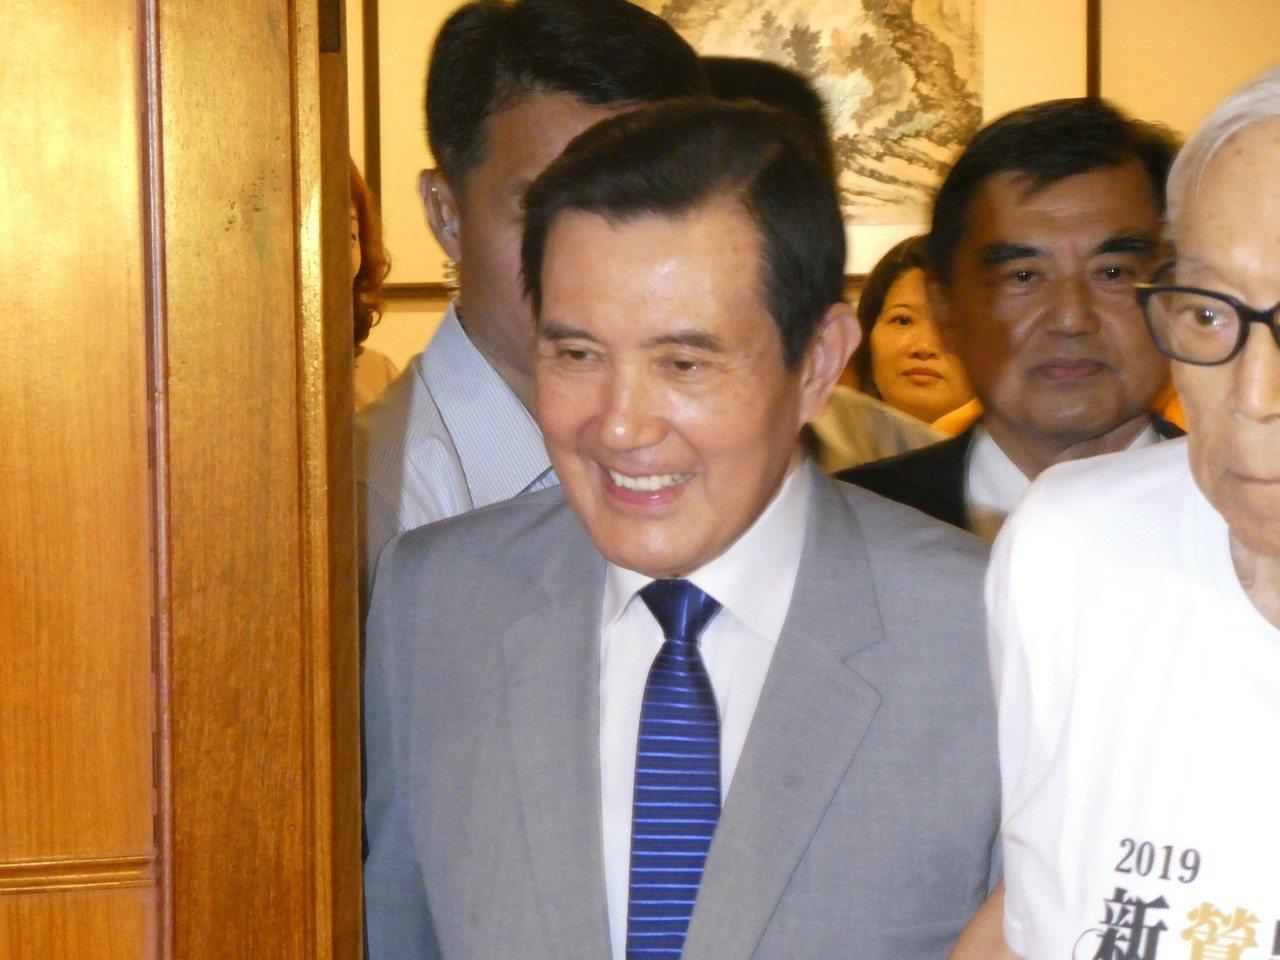 前總統馬英九被控教唆洩密案,今天今天高等法院更一審宣判無罪定讞。馬英九今天受訪表...